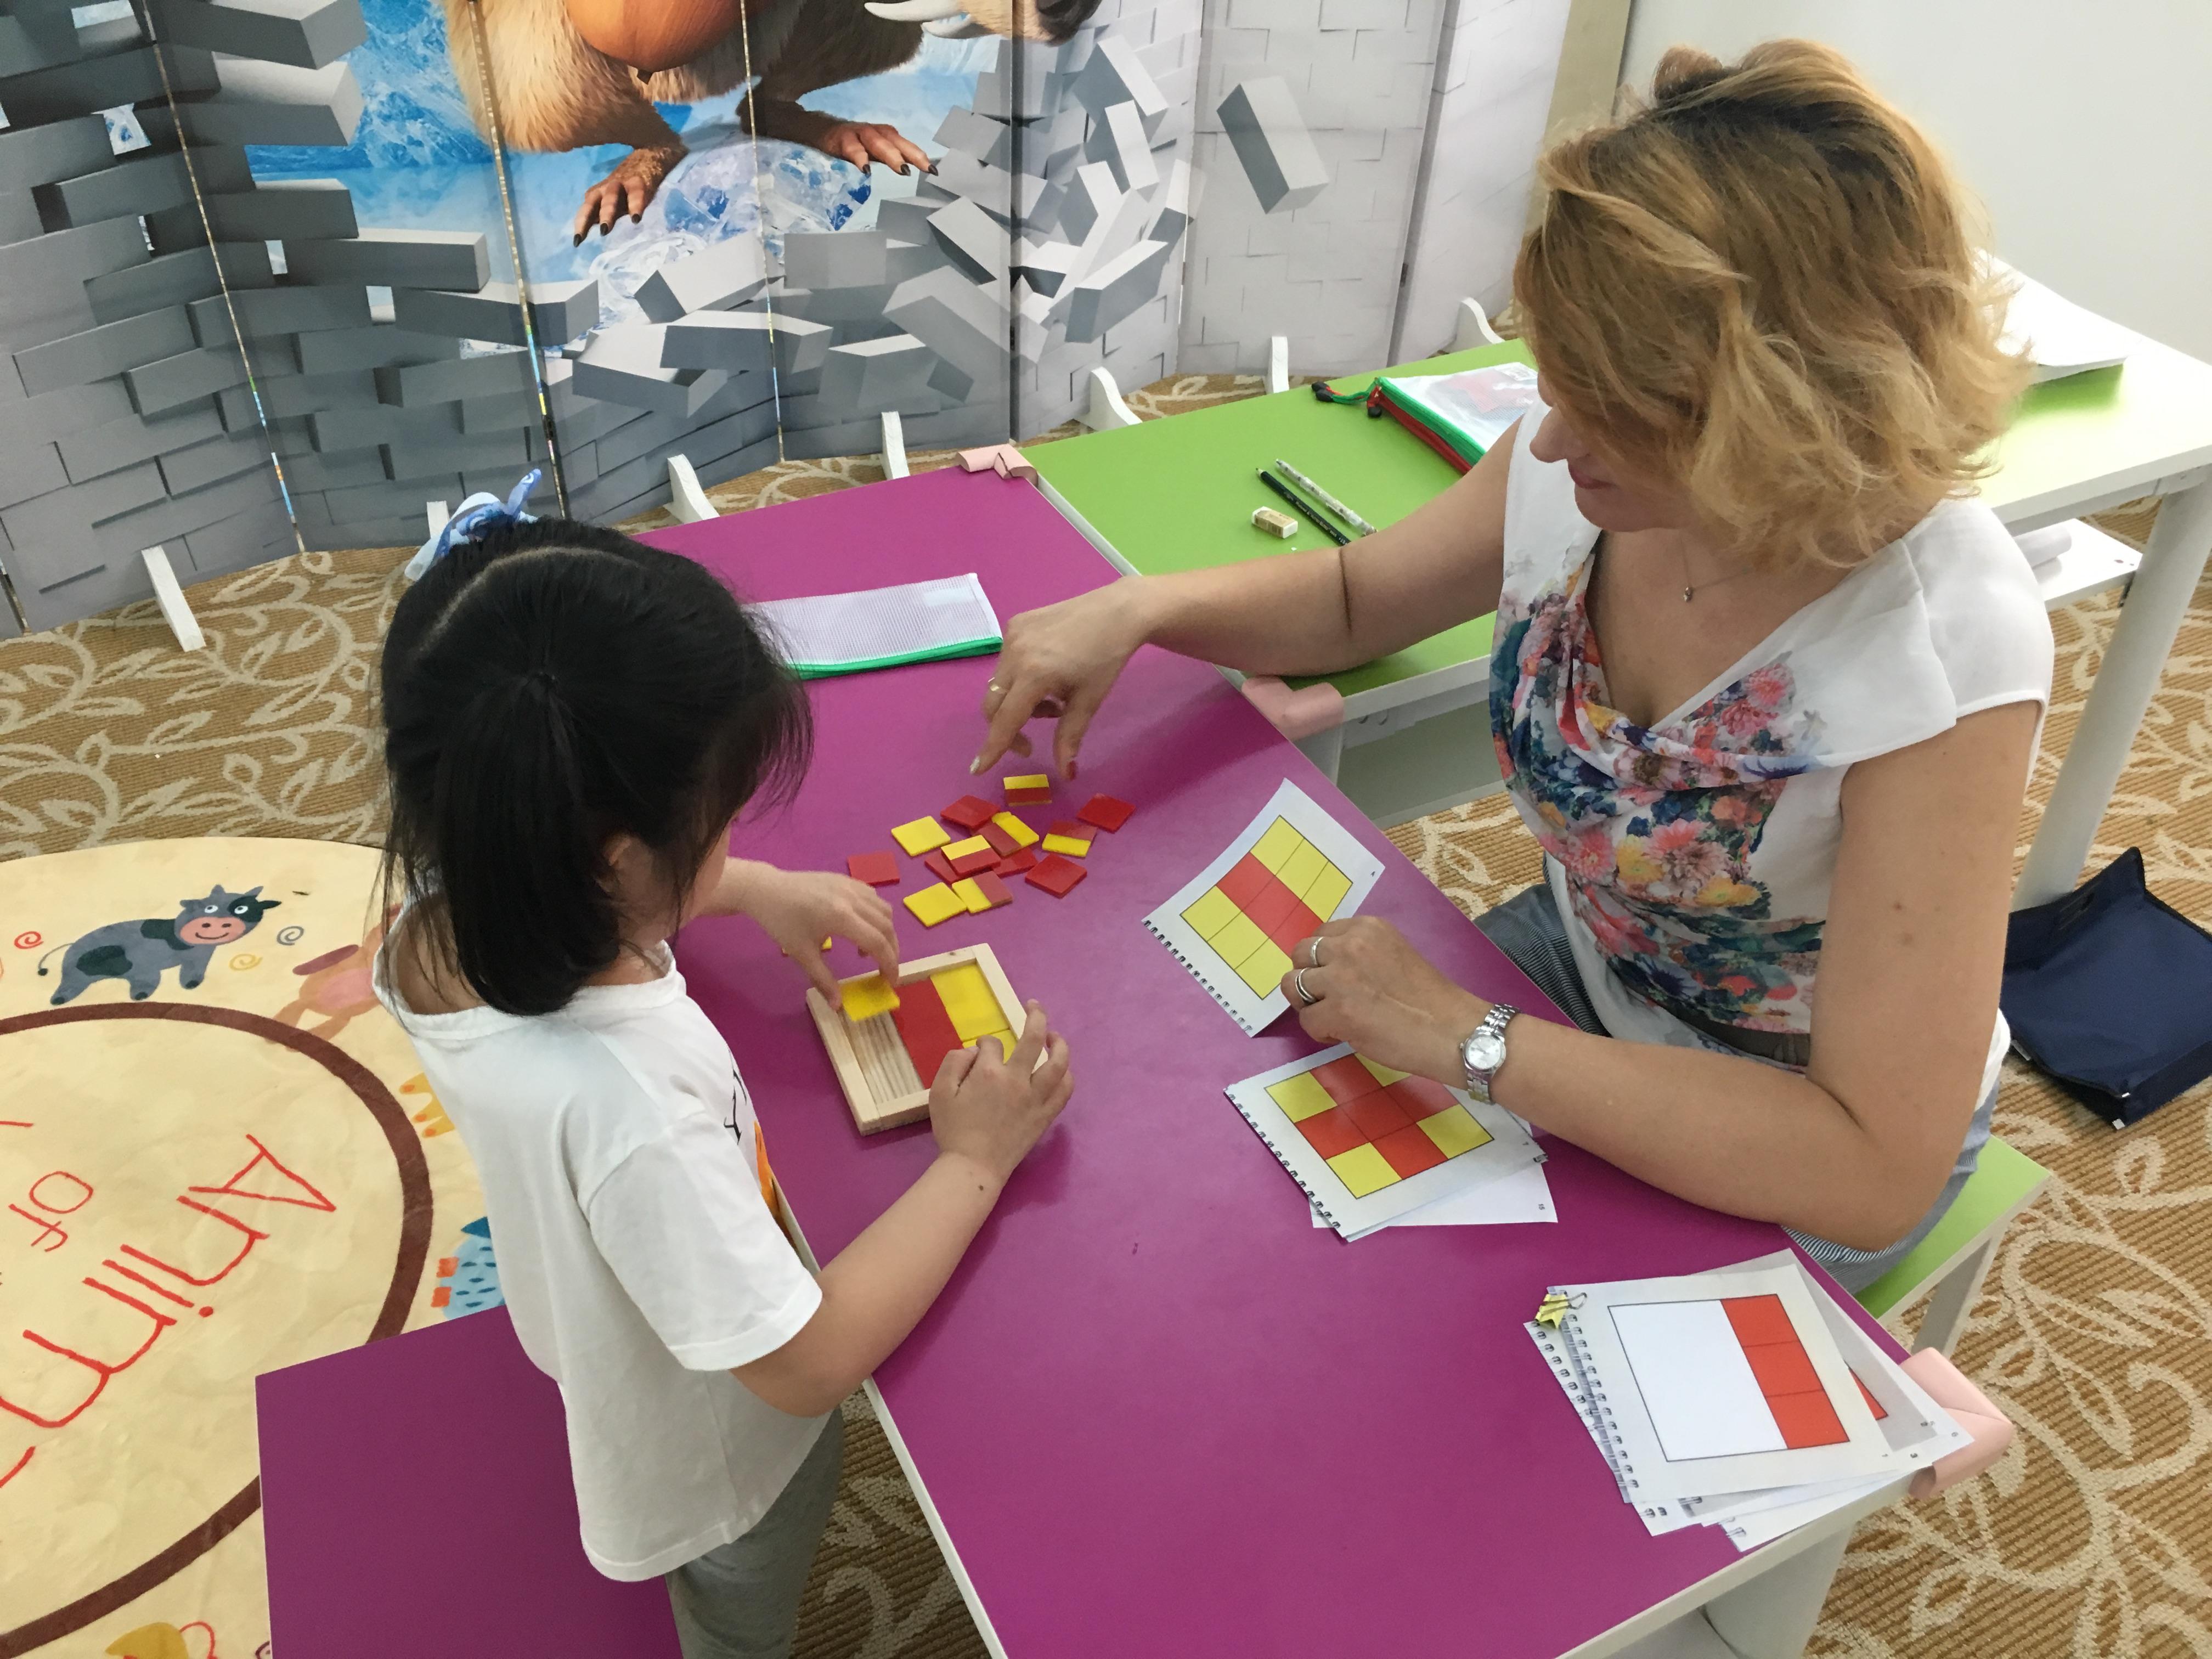 Předškolákovo individualizované vzdělávání